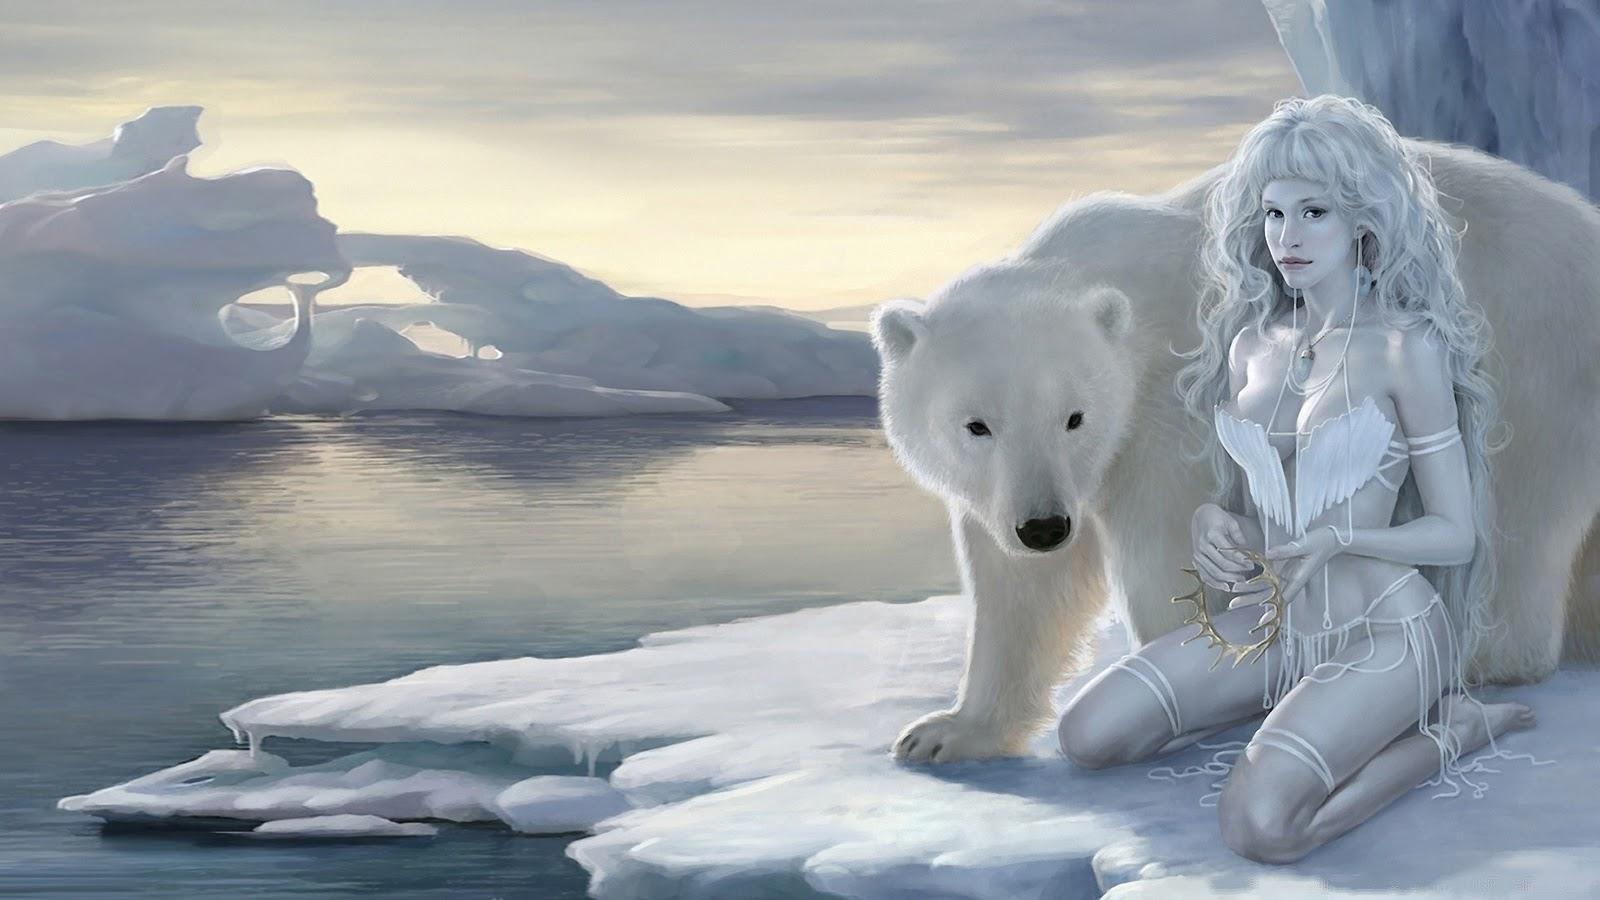 http://3.bp.blogspot.com/-HR4lU1VqLWU/TdjZkVlMvZI/AAAAAAAAANc/h5sO_lL6L8I/s1600/polar_queen-1920x1080+ice+beauty+hd+wallpaper.jpg